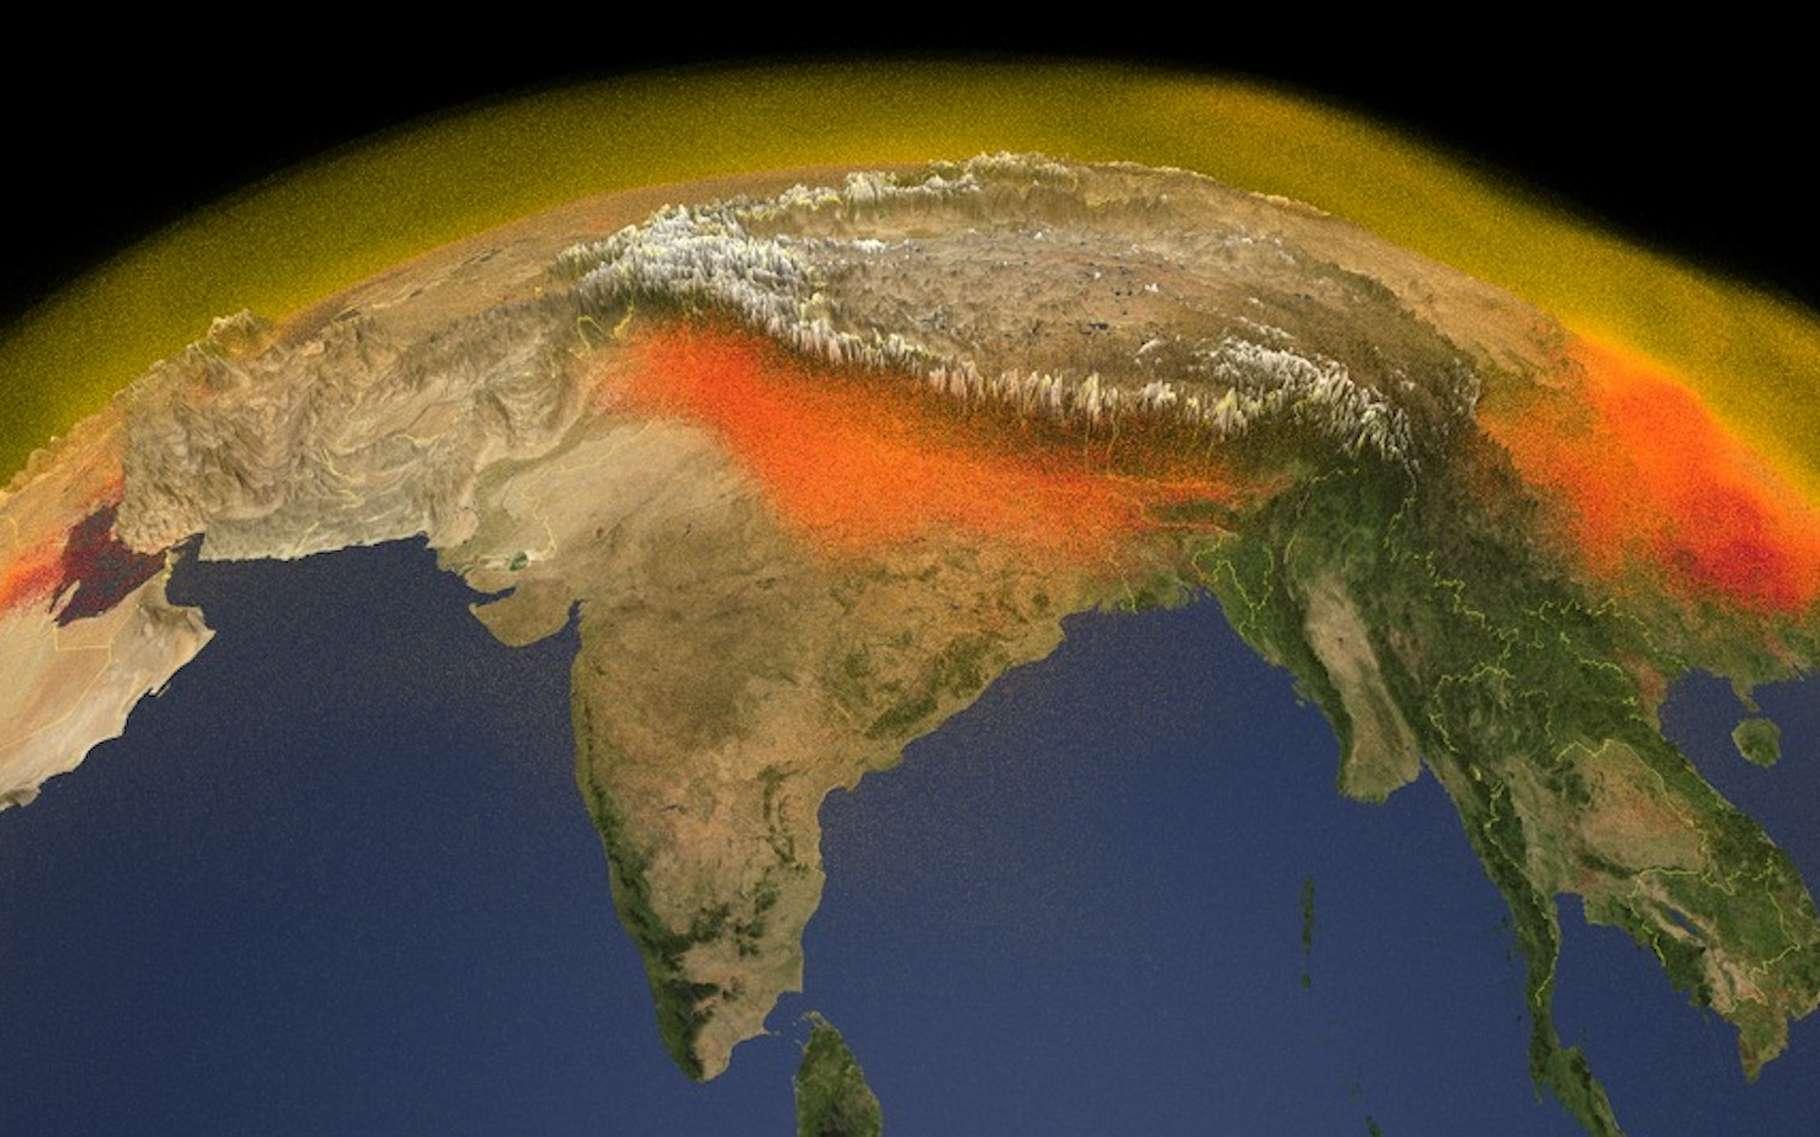 Cette carte 3D publiée par la Nasa montre des émissions de méthane importantes du côté de l'Inde et de la Chine, dues, pour les premières à la riziculture notamment et pour les secondes, aux activités industrielles. © Nasa, Scientific Visualization Studio